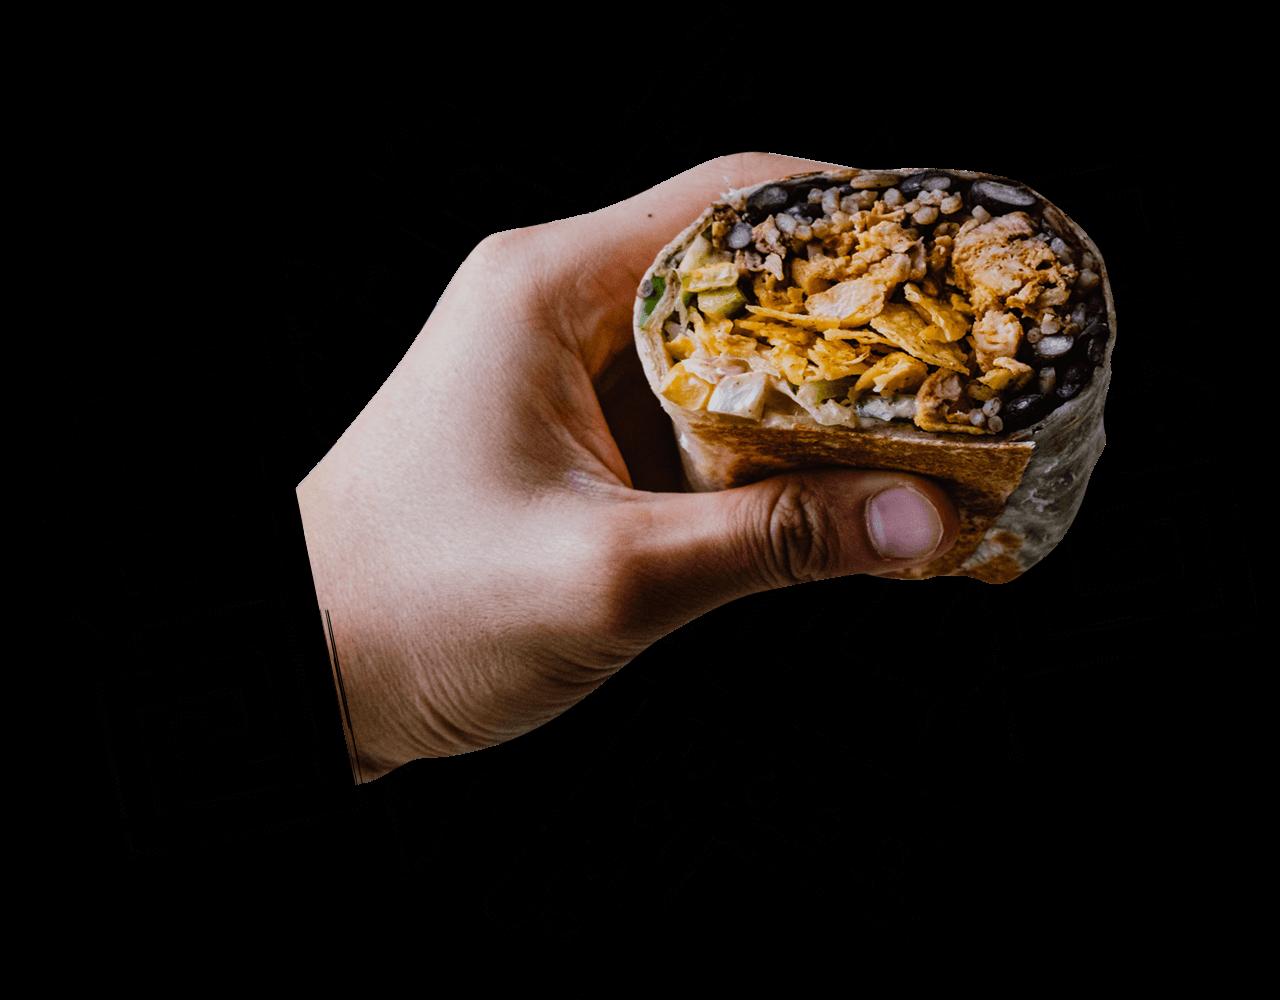 person holding a burrito